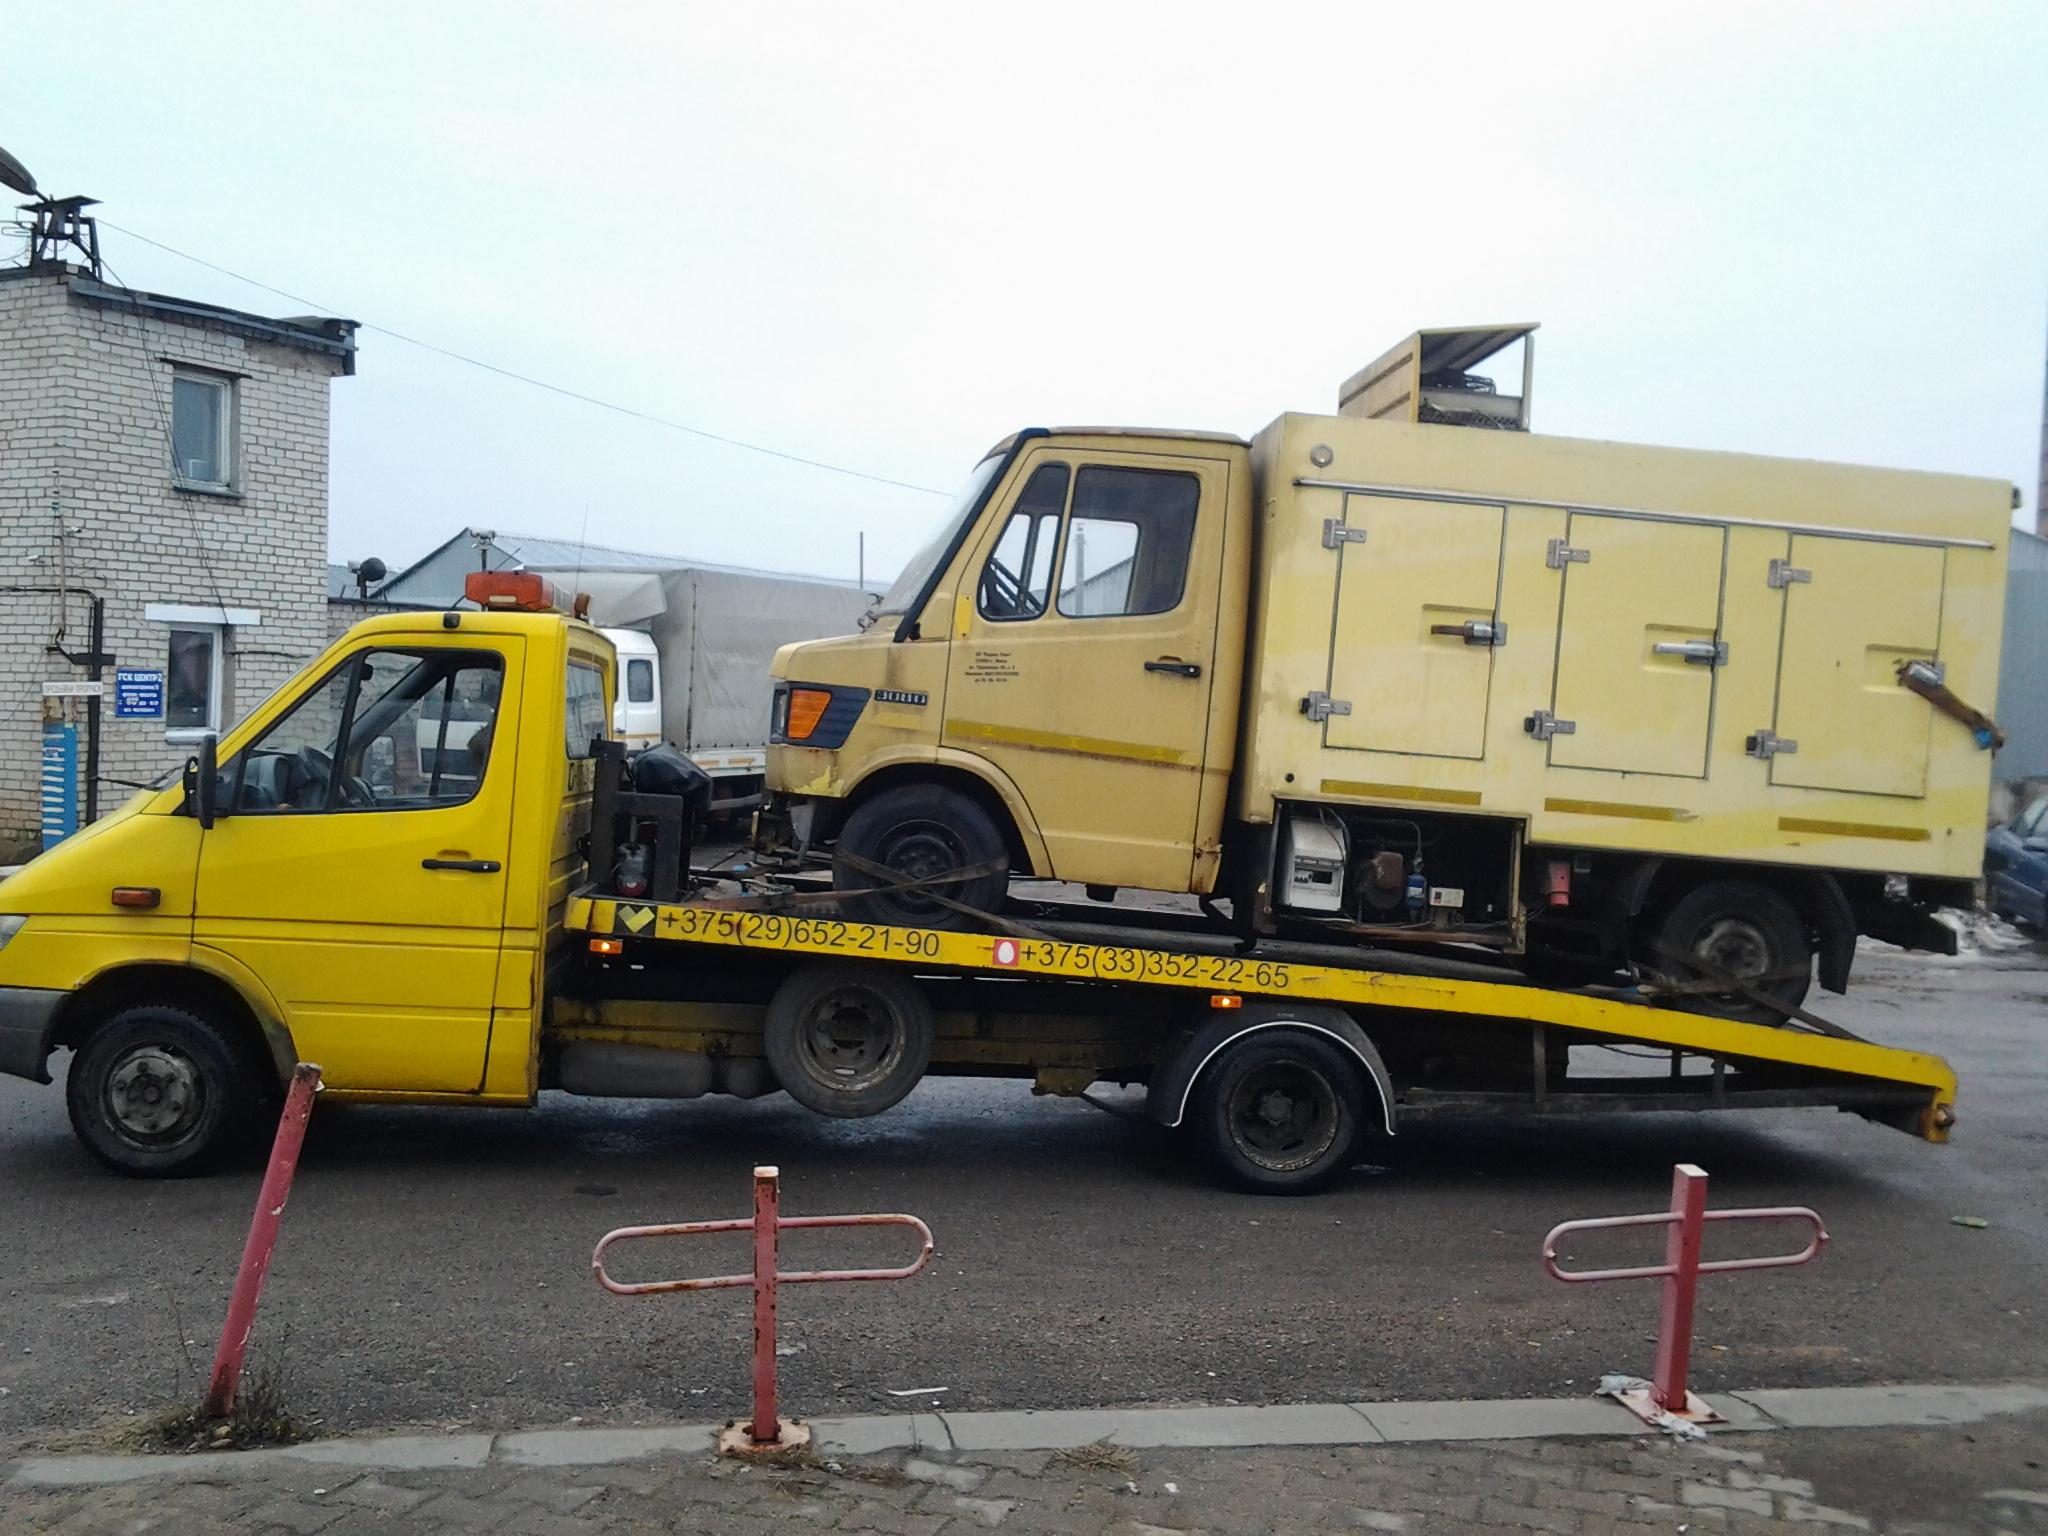 Эвакуация грузовых автомобилей. Особенности транспортировки грузовиков